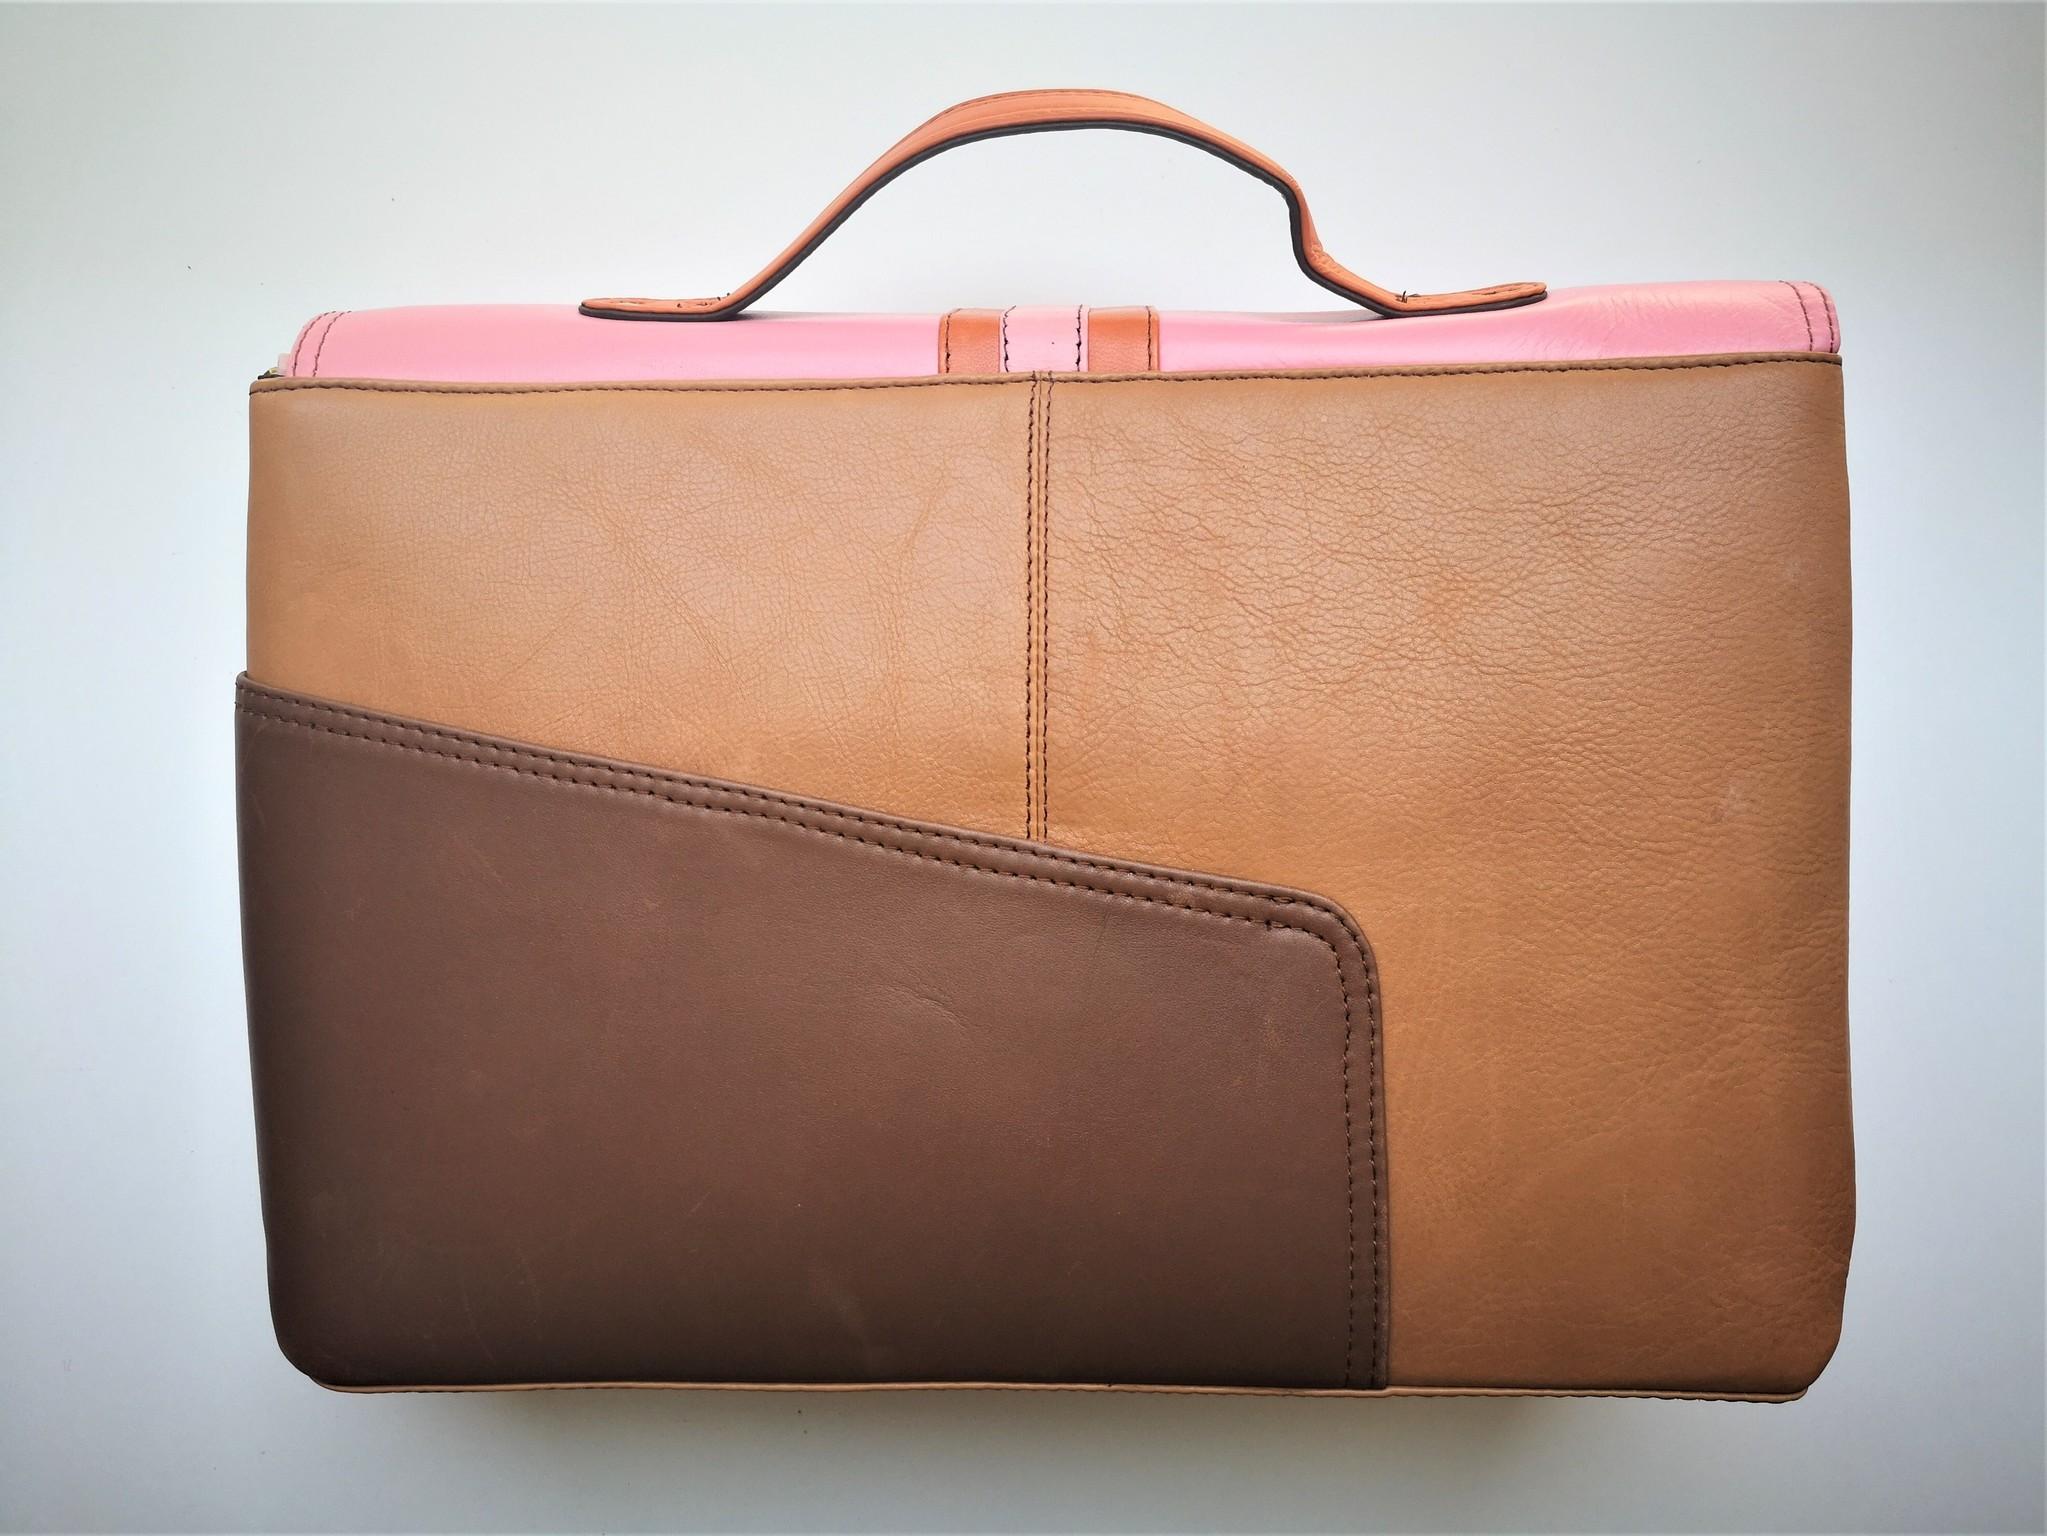 Gerecycleerde Handtas - Orleans Leather Bag Roos/Oranje-2